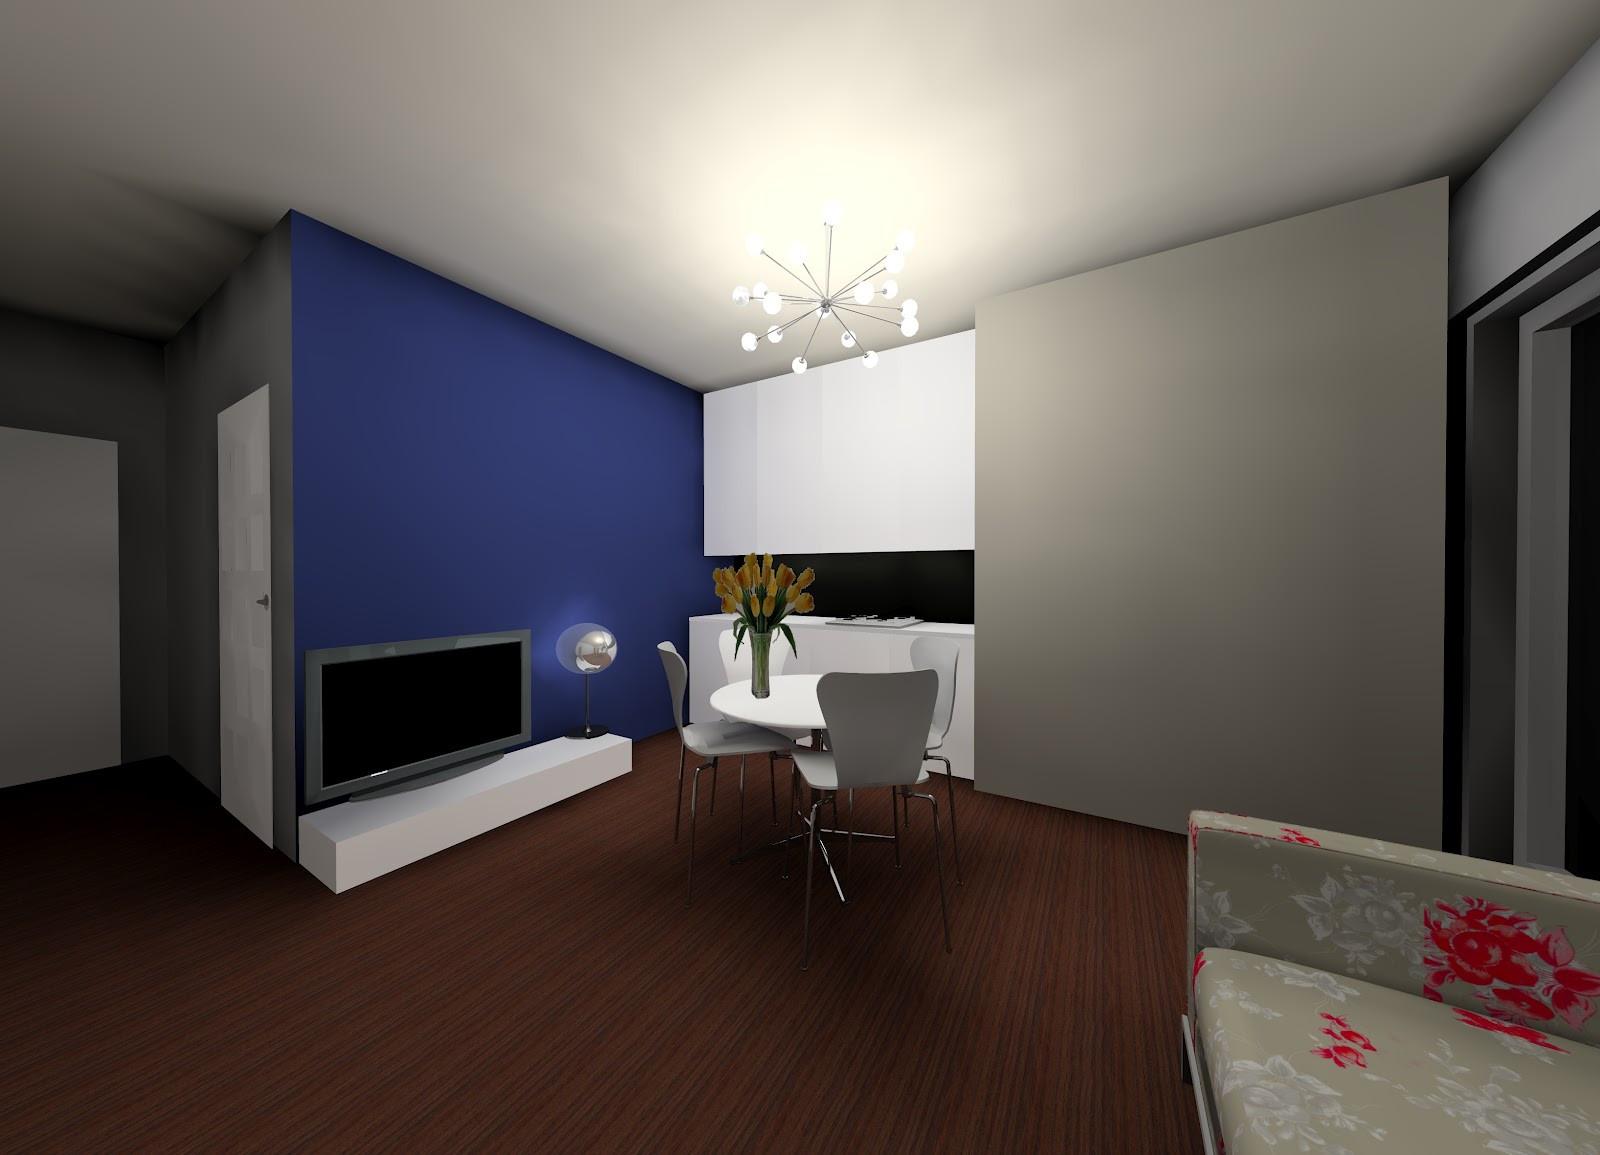 Progetto Soggiorno 20 Mq soggiorno, cucina, pranzo, per 4tutto in 19 mq